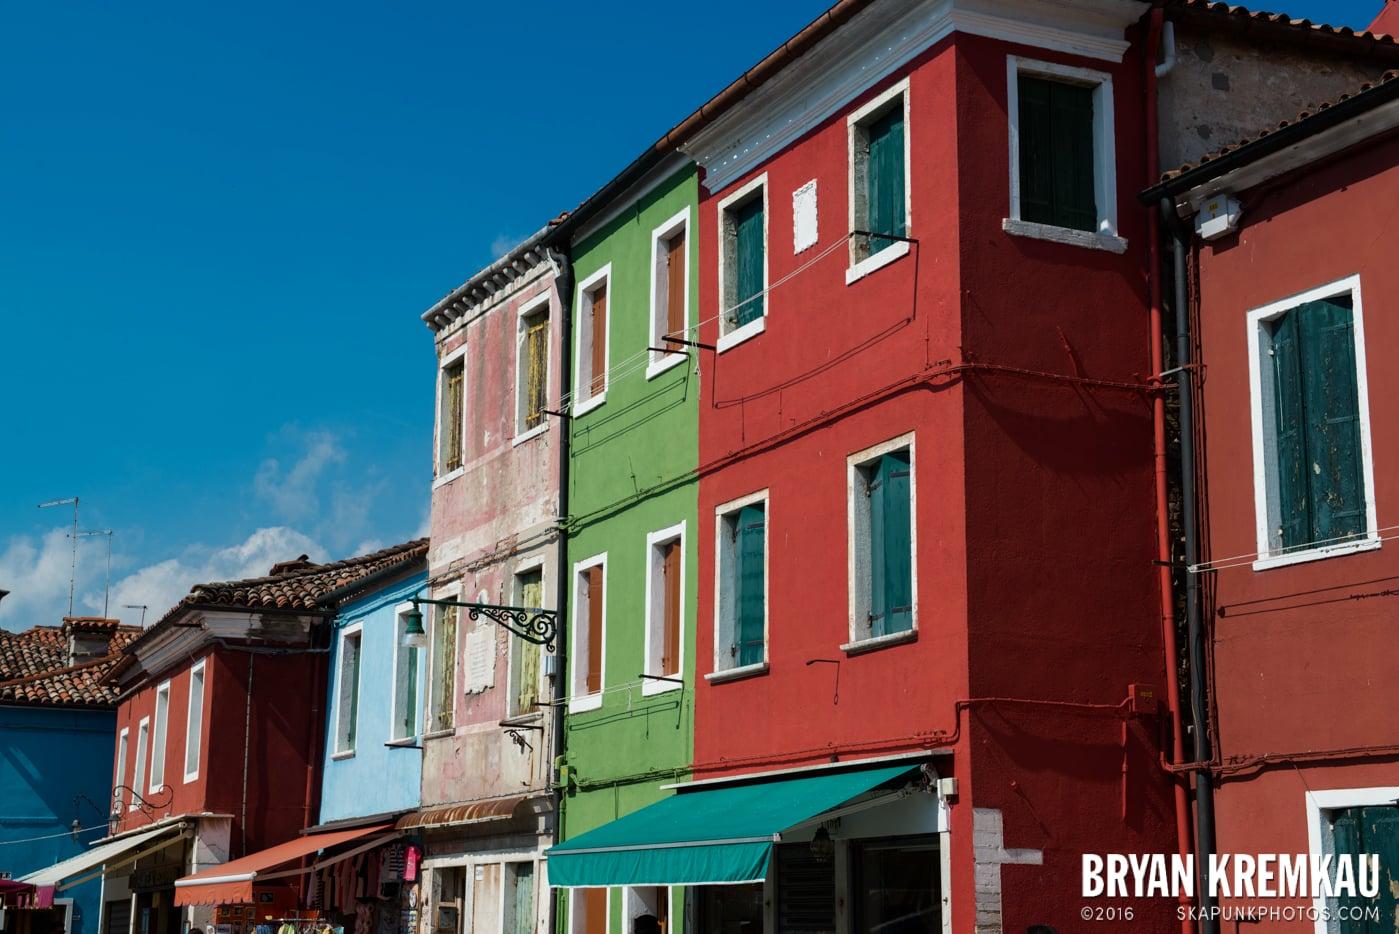 Italy Vacation - Day 6: Murano, Burano, Venice - 9.14.13 (65)